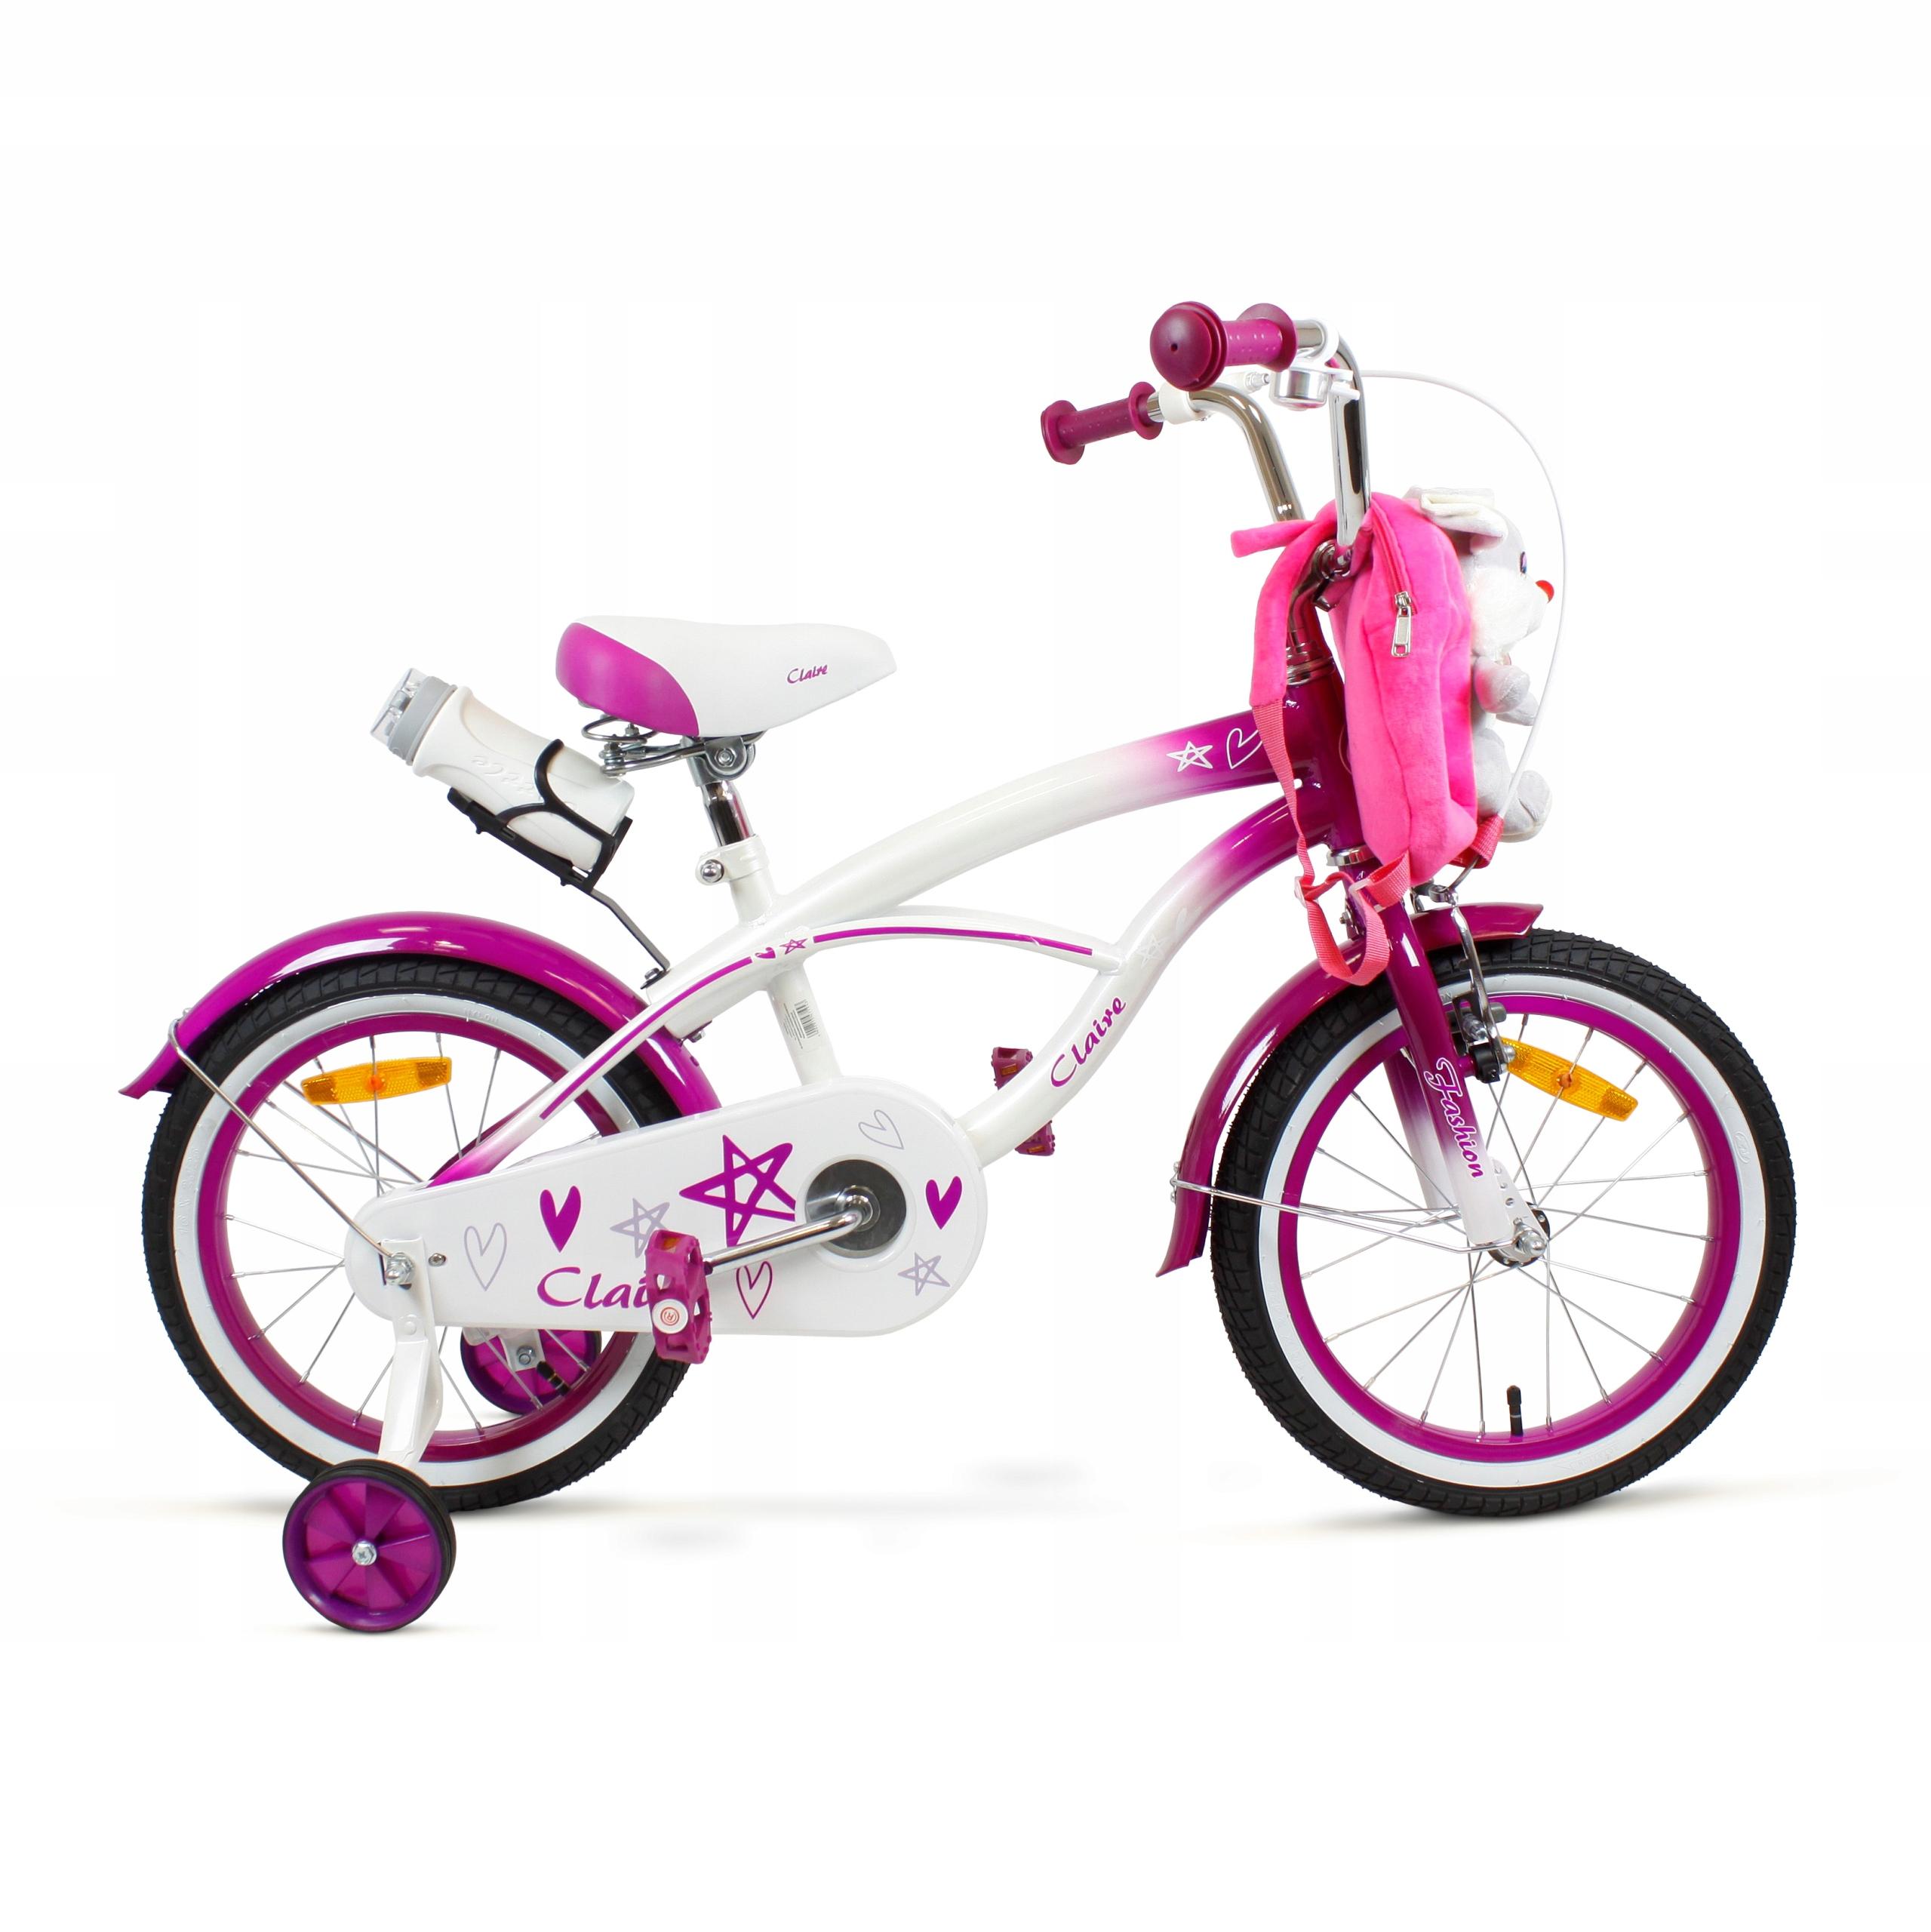 Rowerek Dzieciecy Dla Dziewczynki 16 Cali Koszyk 9222149170 Allegro Pl